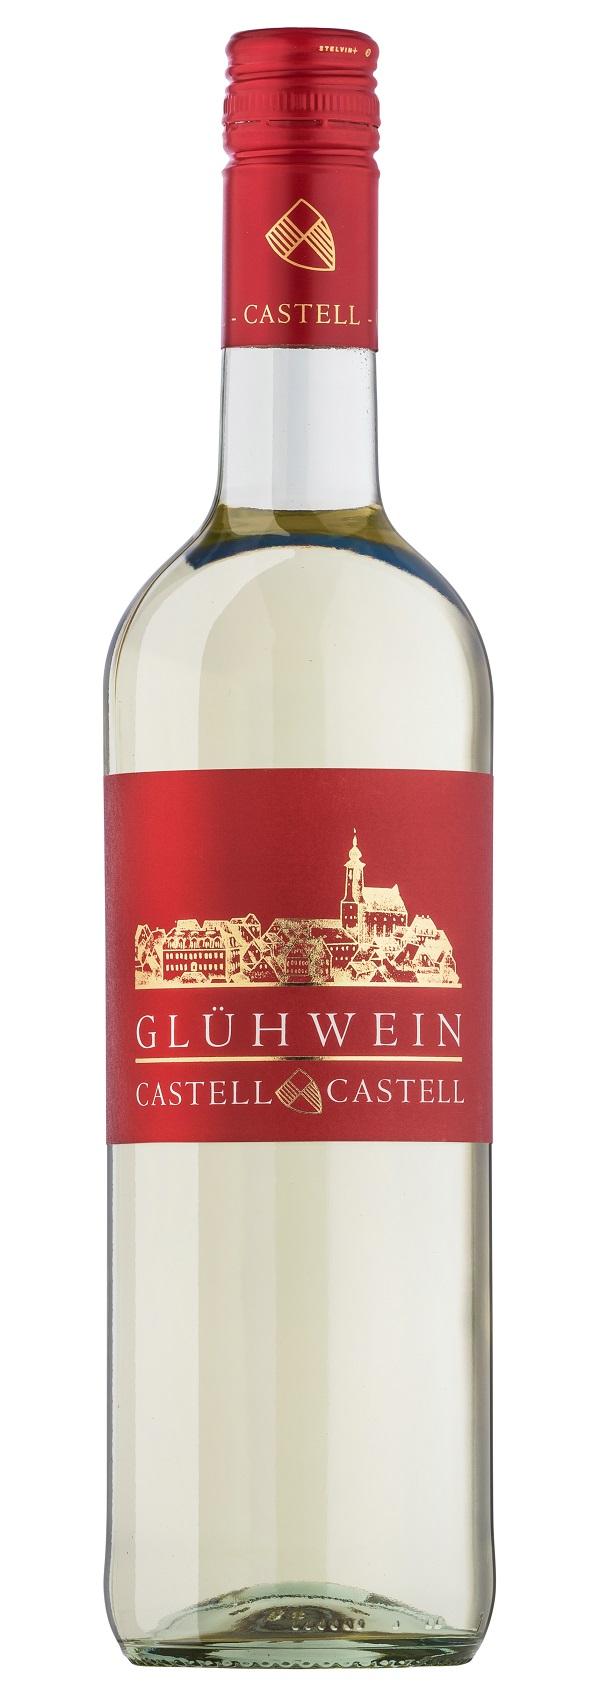 CASTELL-CASTELL GLÜHWEIN weiß 2020